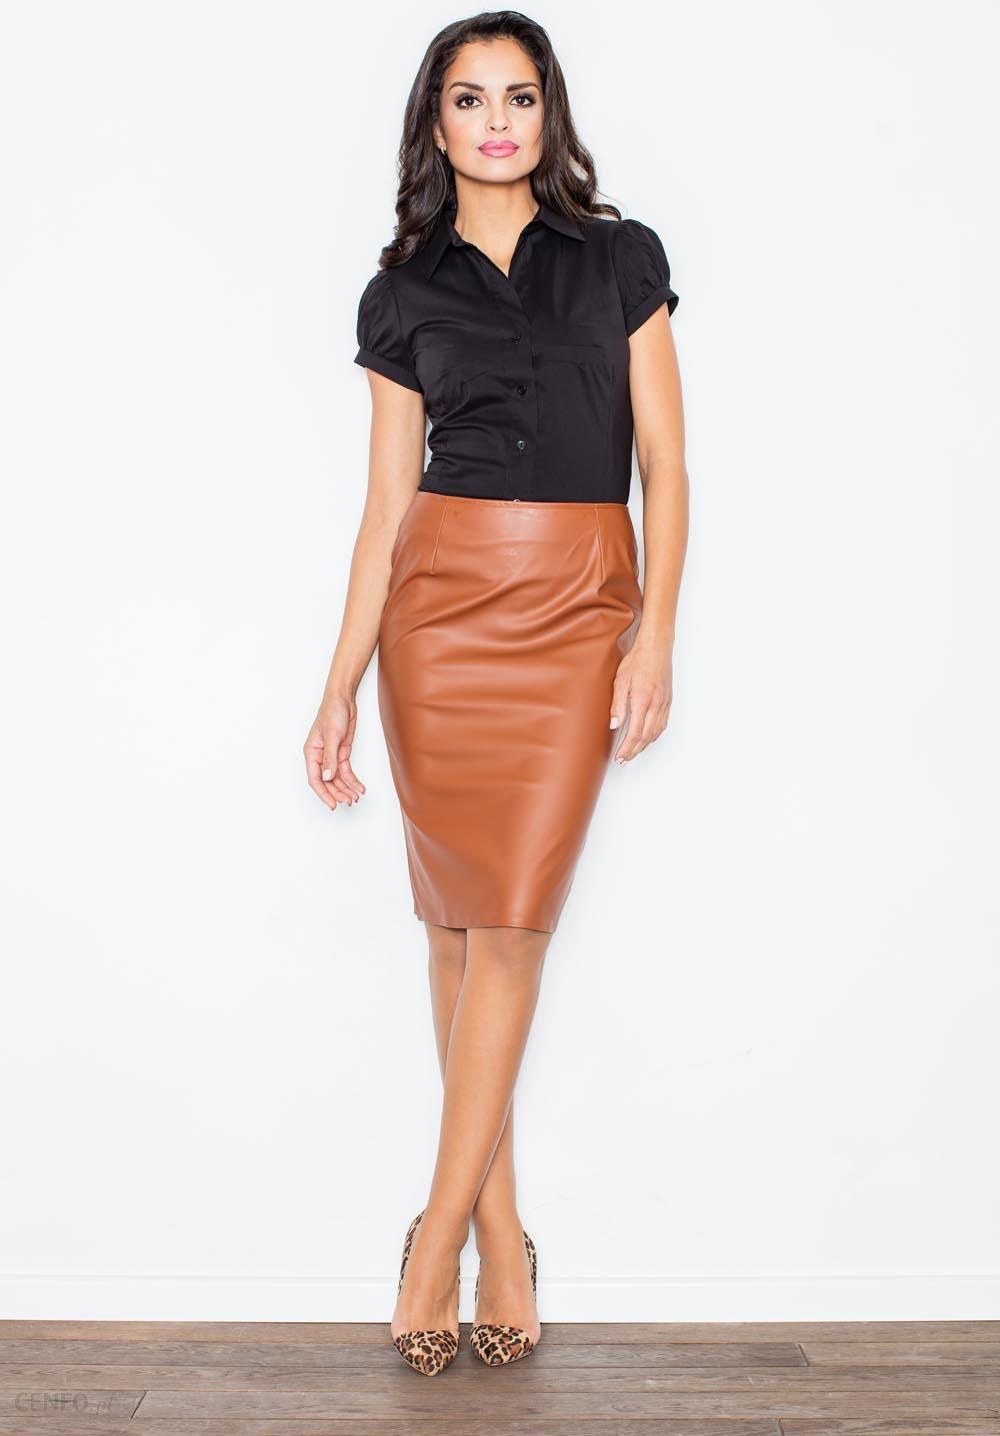 5e13e623c3fafe Klasyczna Elegancka Ołówkowa Spódnica w Kolorze Brązowym - Ceny i ...